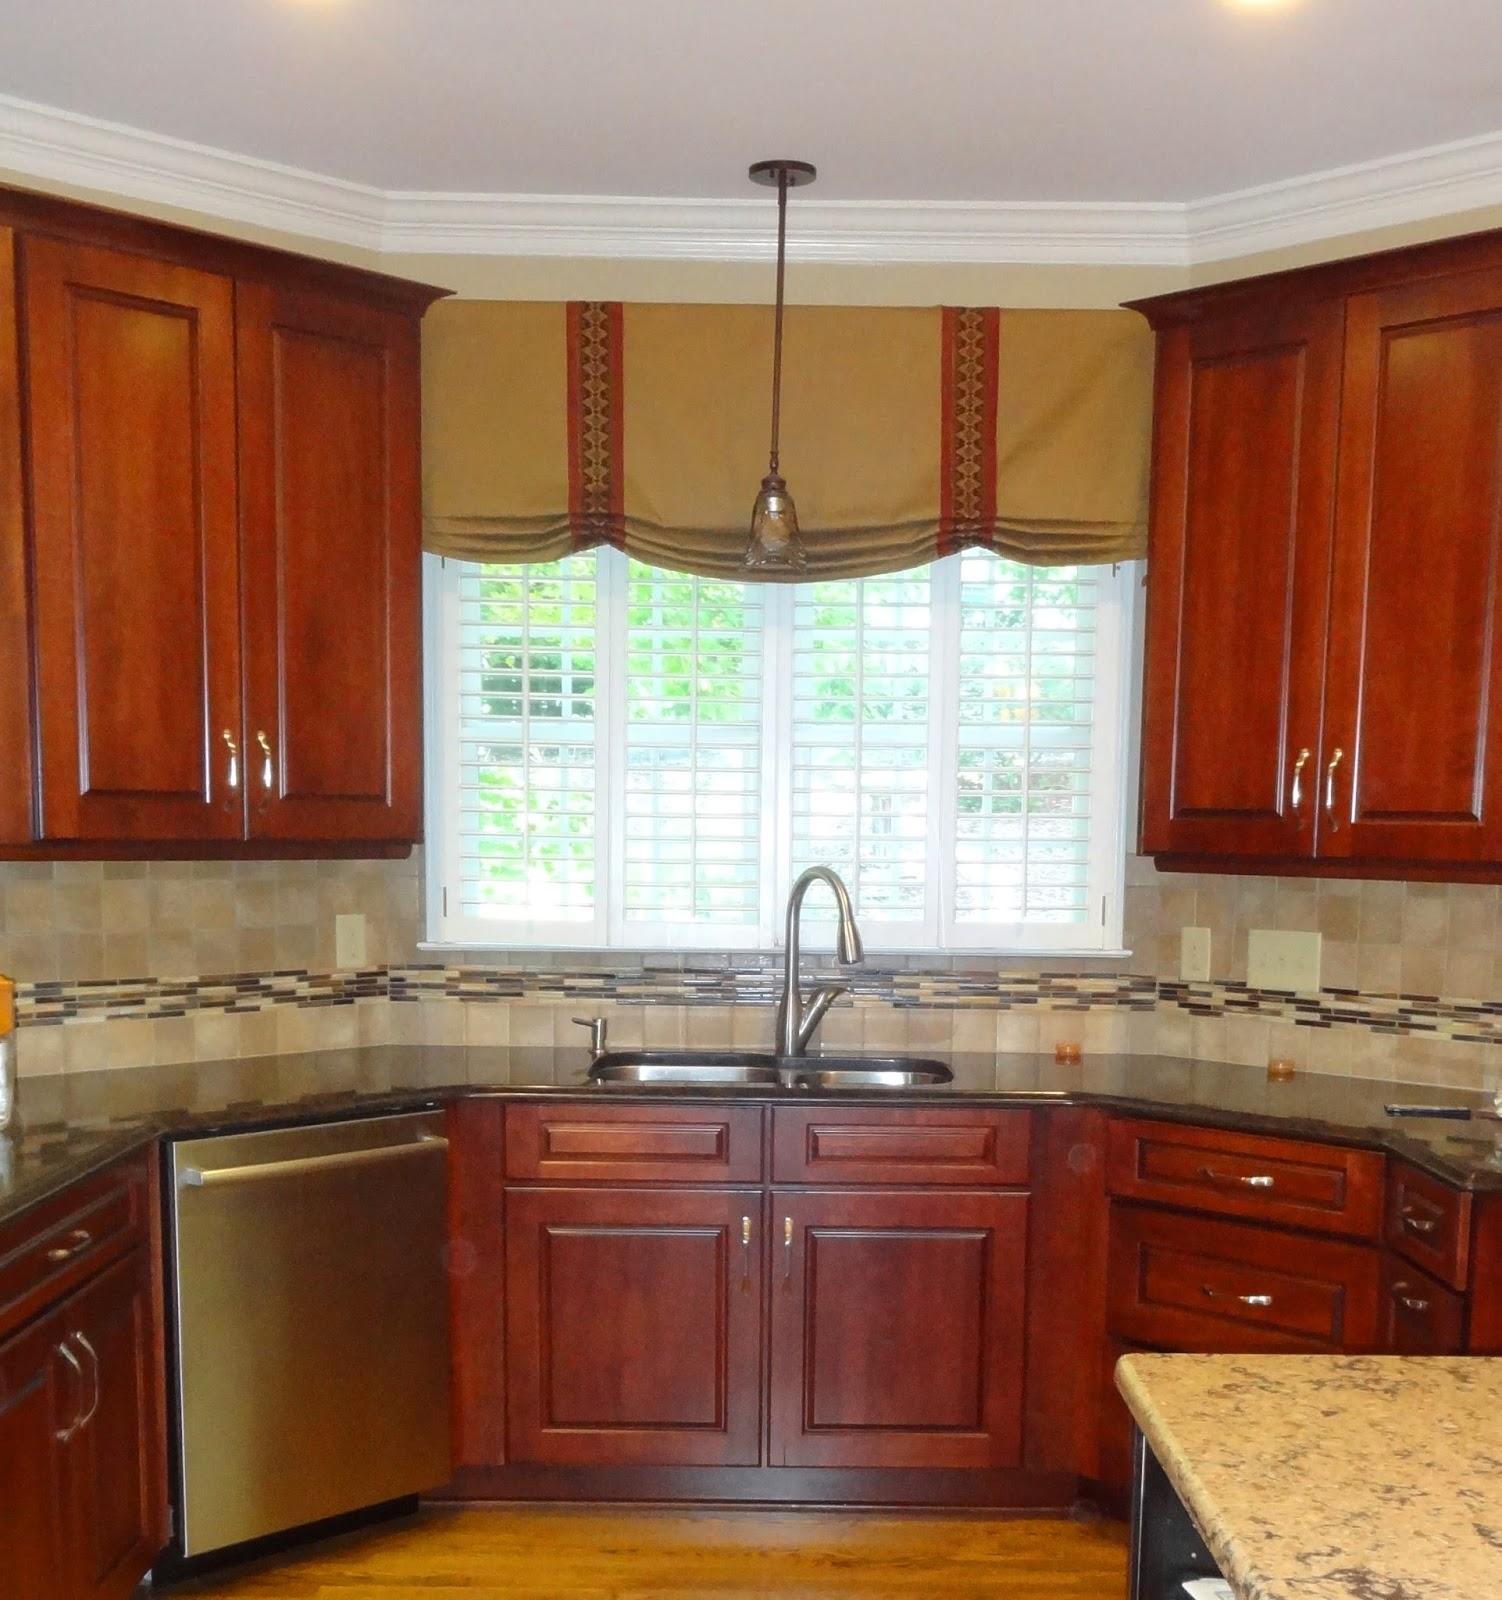 Kitchen Window Valances Refinish Cabinets Cost Greensboro Interior Design Treatments